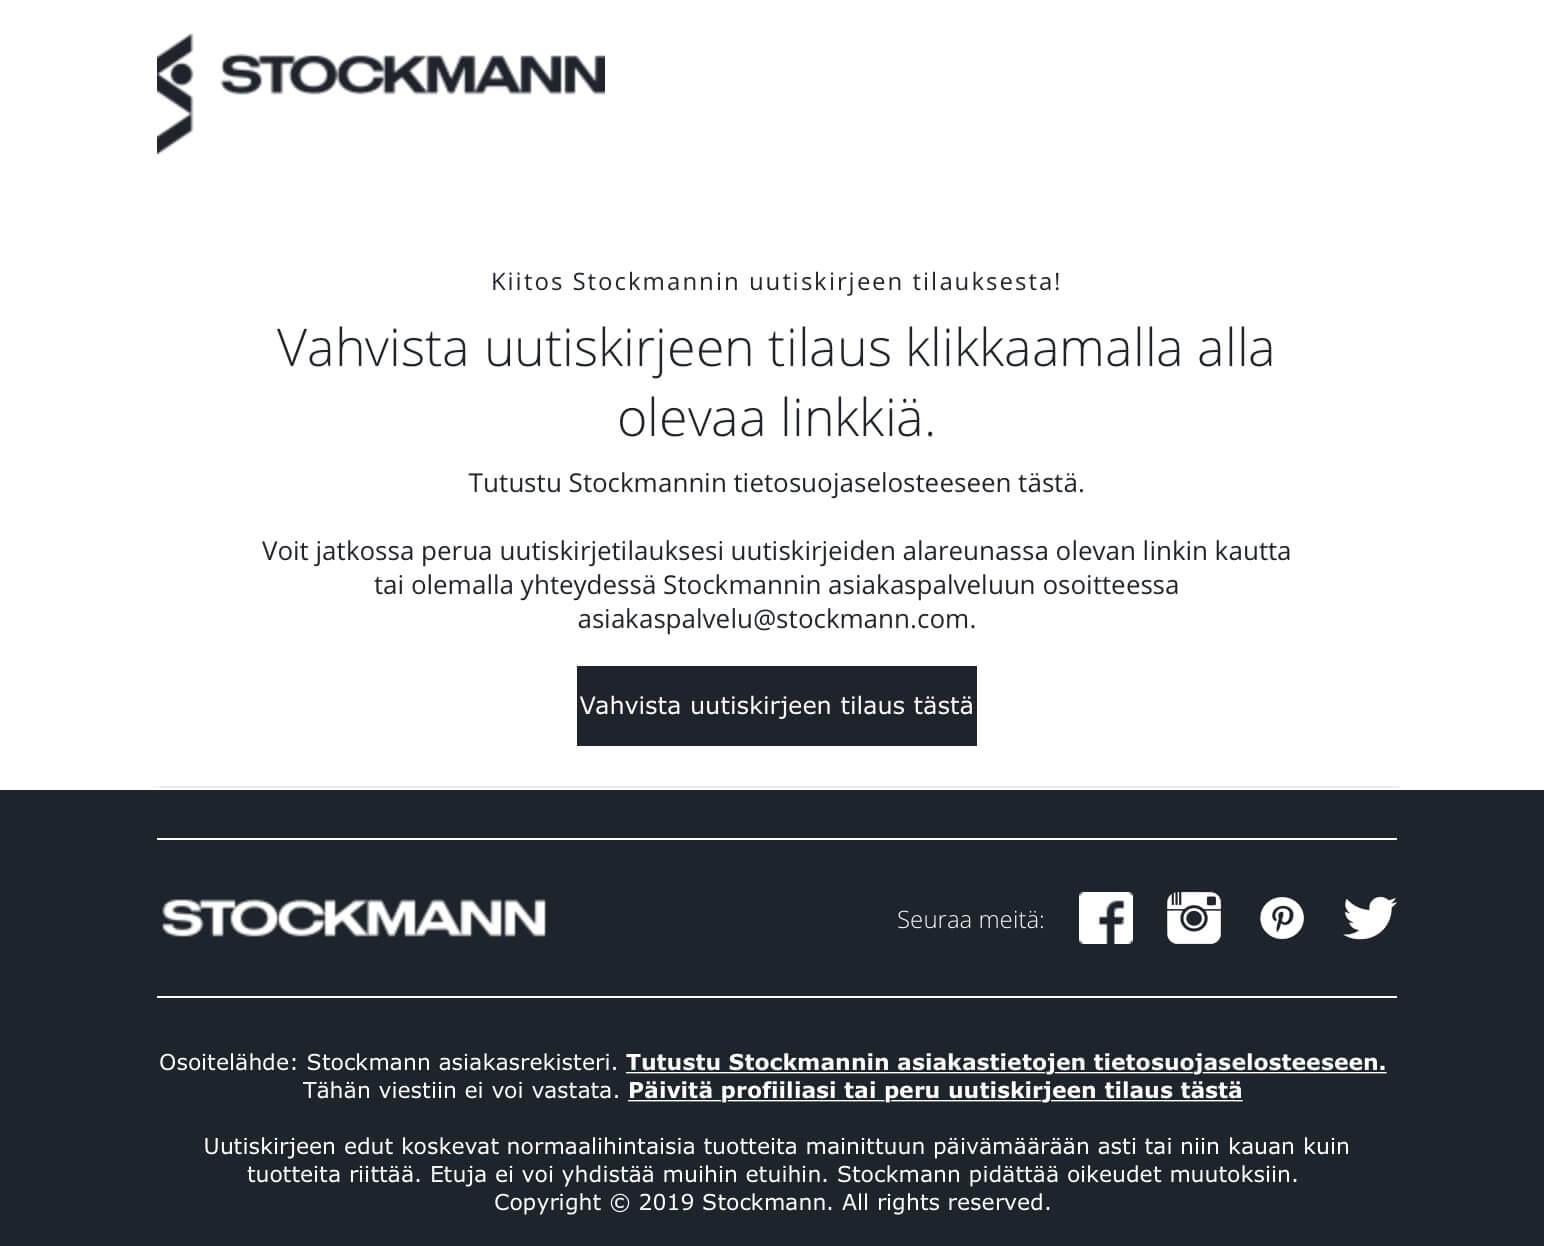 ストックマンのニュースレターが登録されたことを示すメール